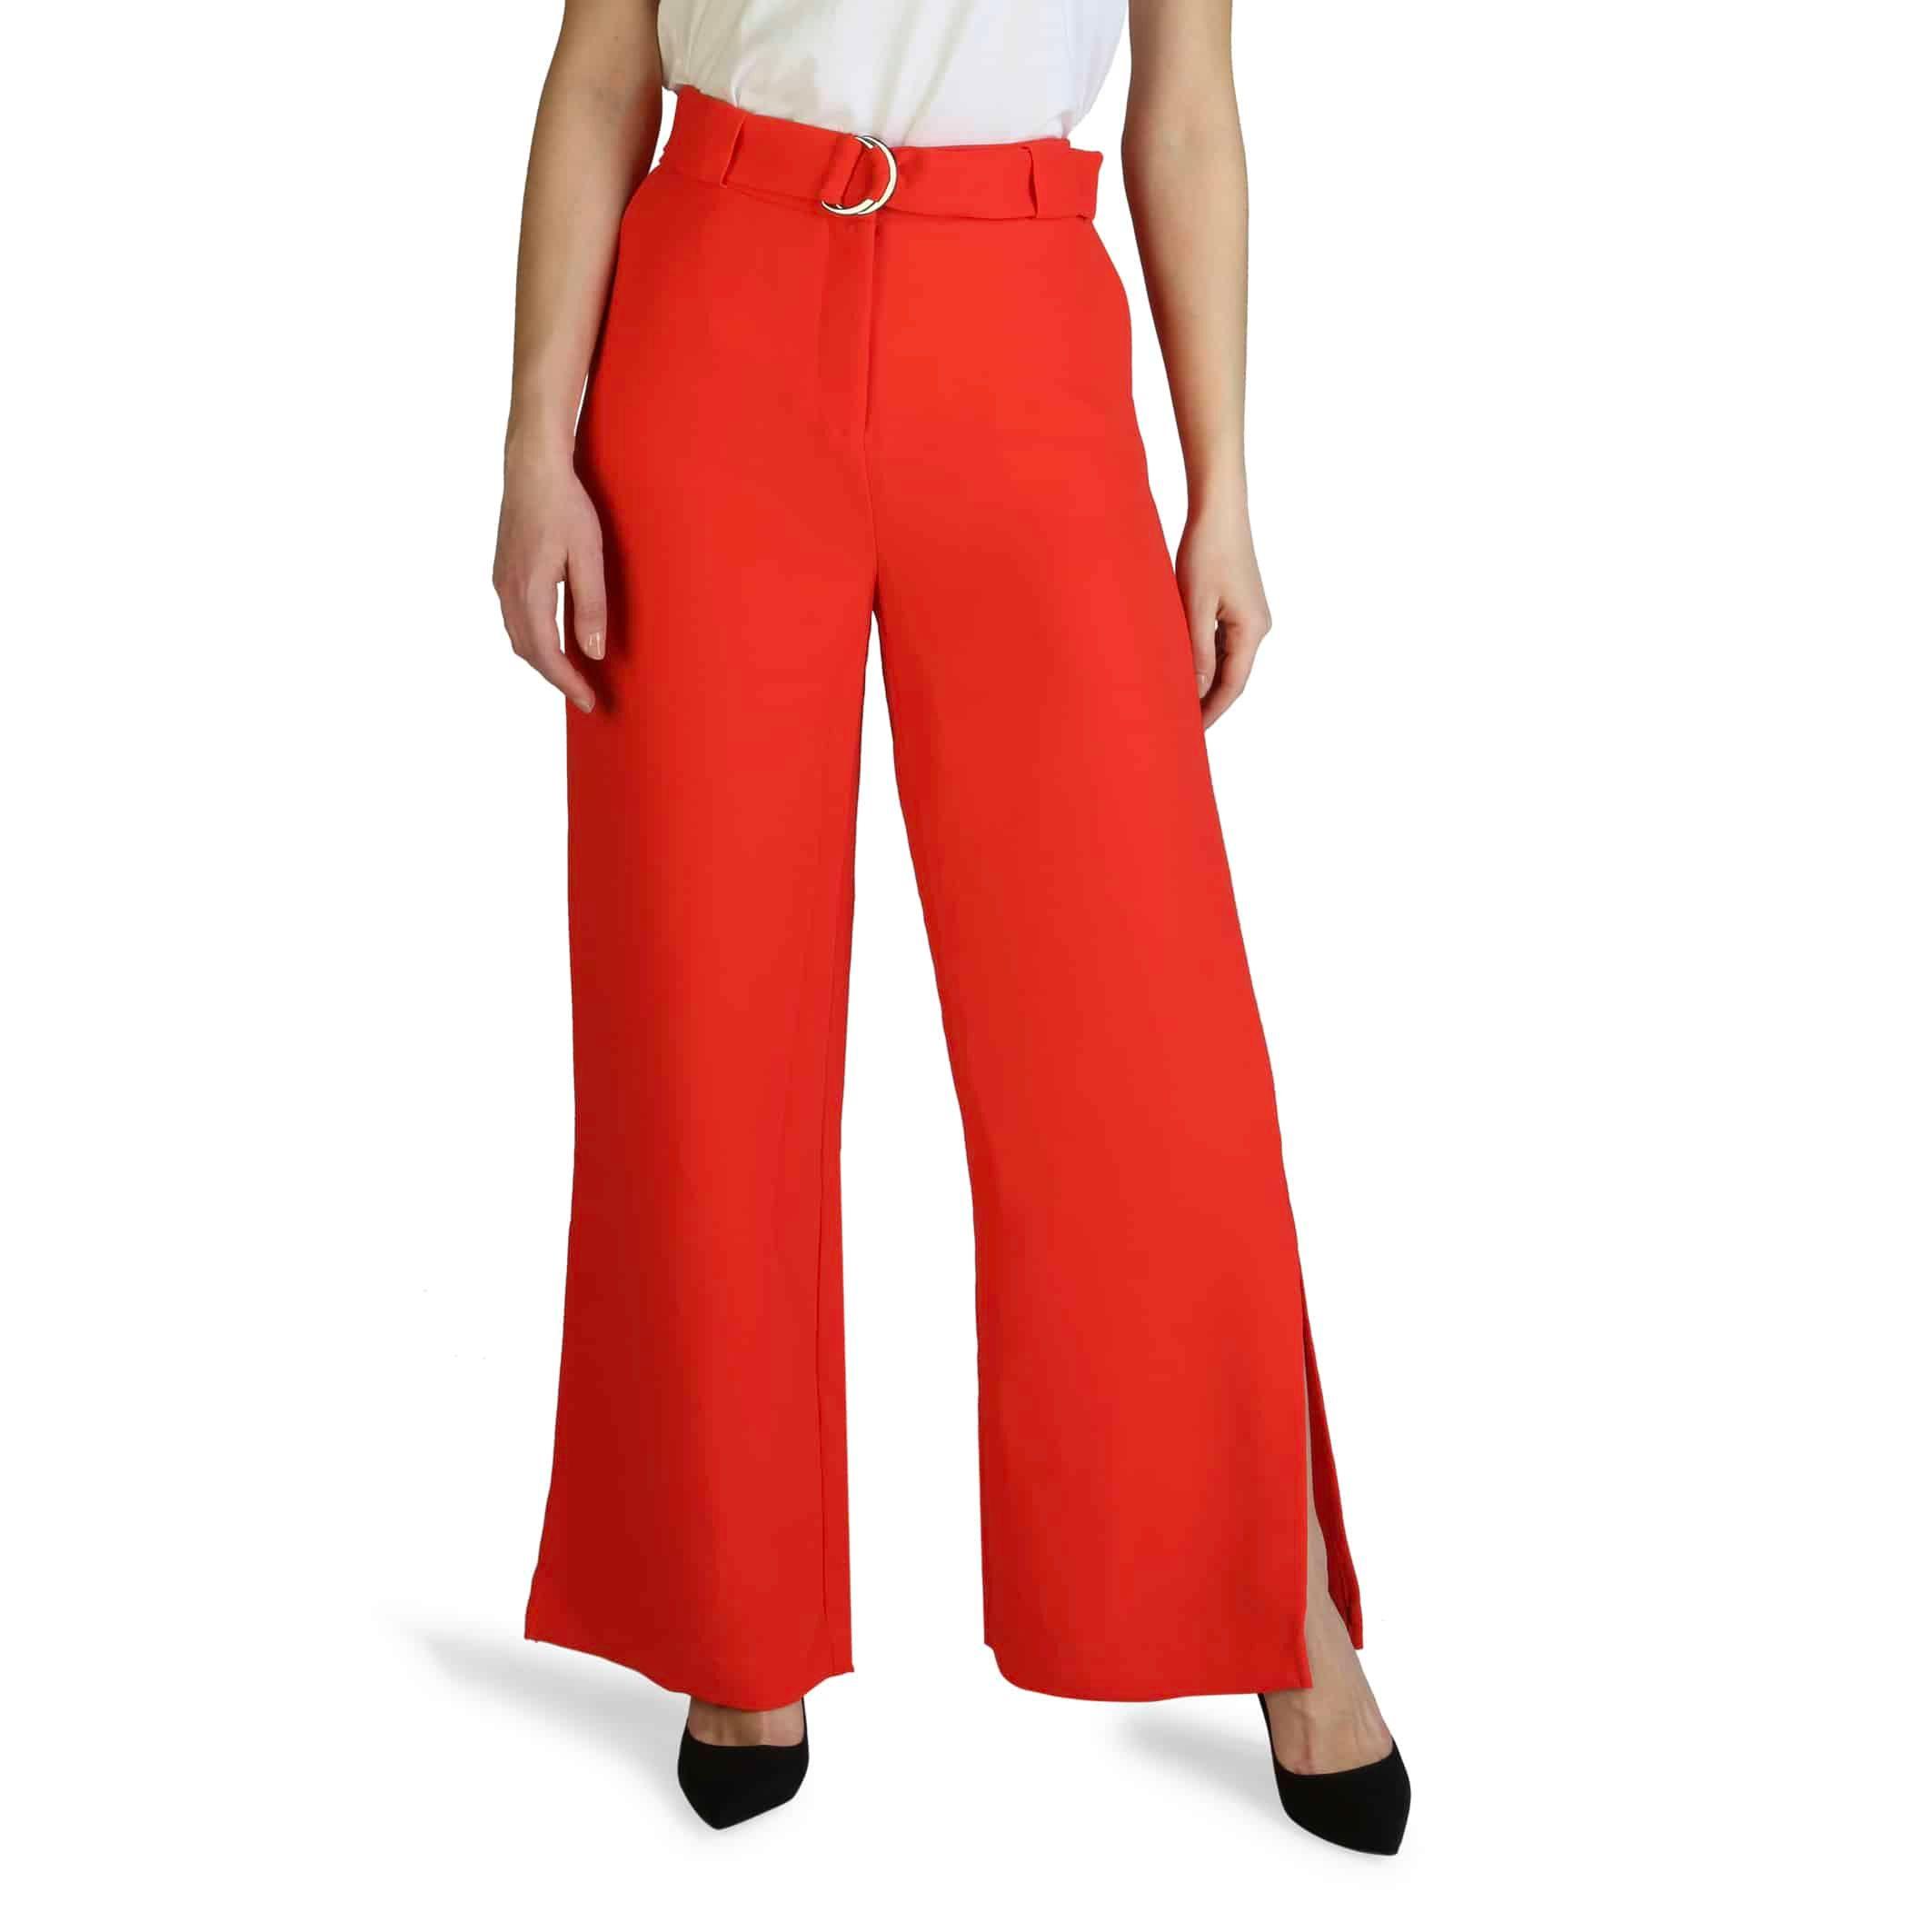 Pantaloni Armani Exchange3ZYP26_YNBRZ